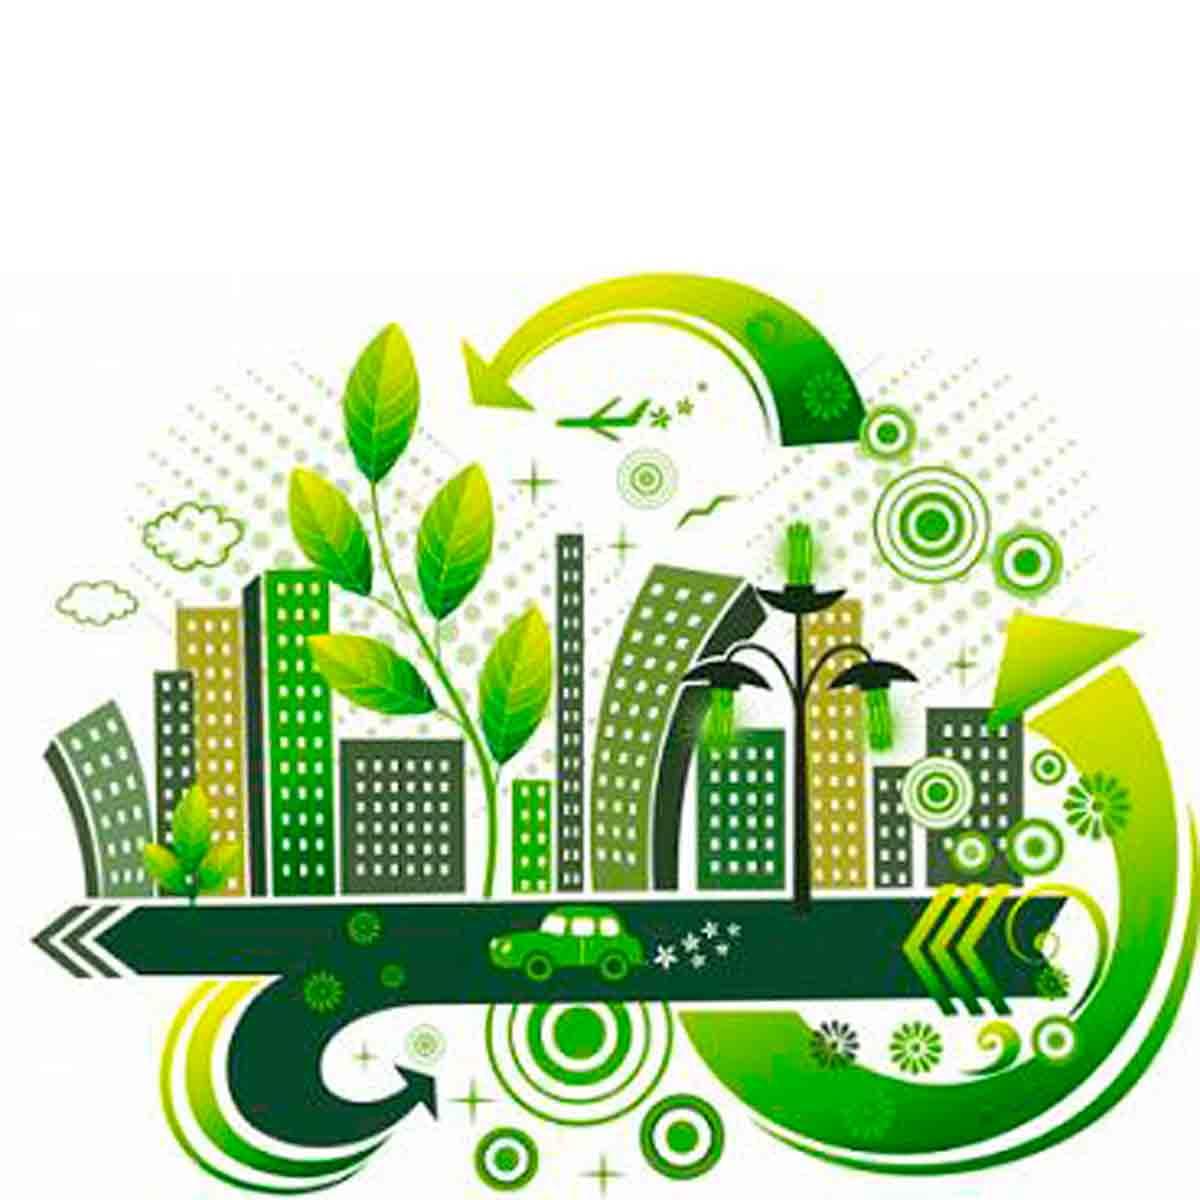 Ciudades Sostenibles: Aula de Incubación